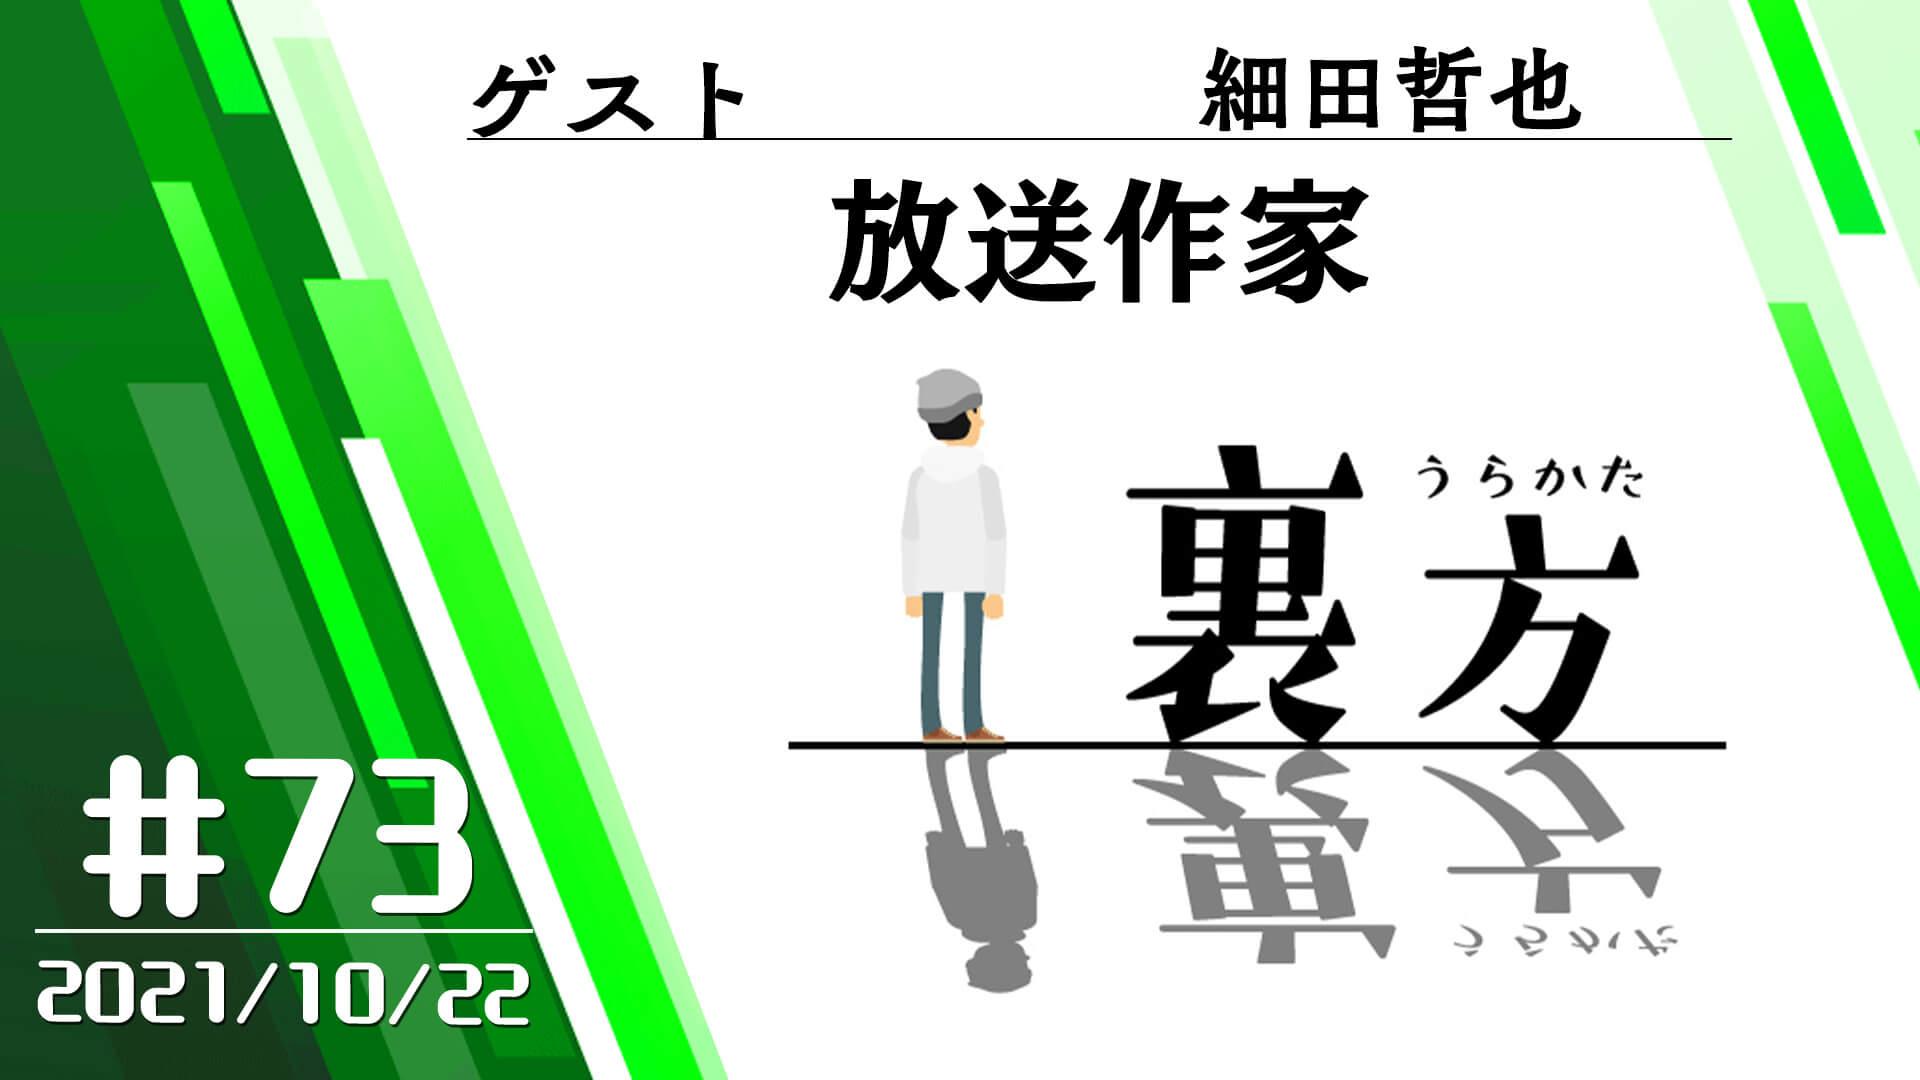 【ゲスト:放送作家 細田哲也さん】文化放送超!A&G+ 「裏方」#73 (2021年10月22日放送分)